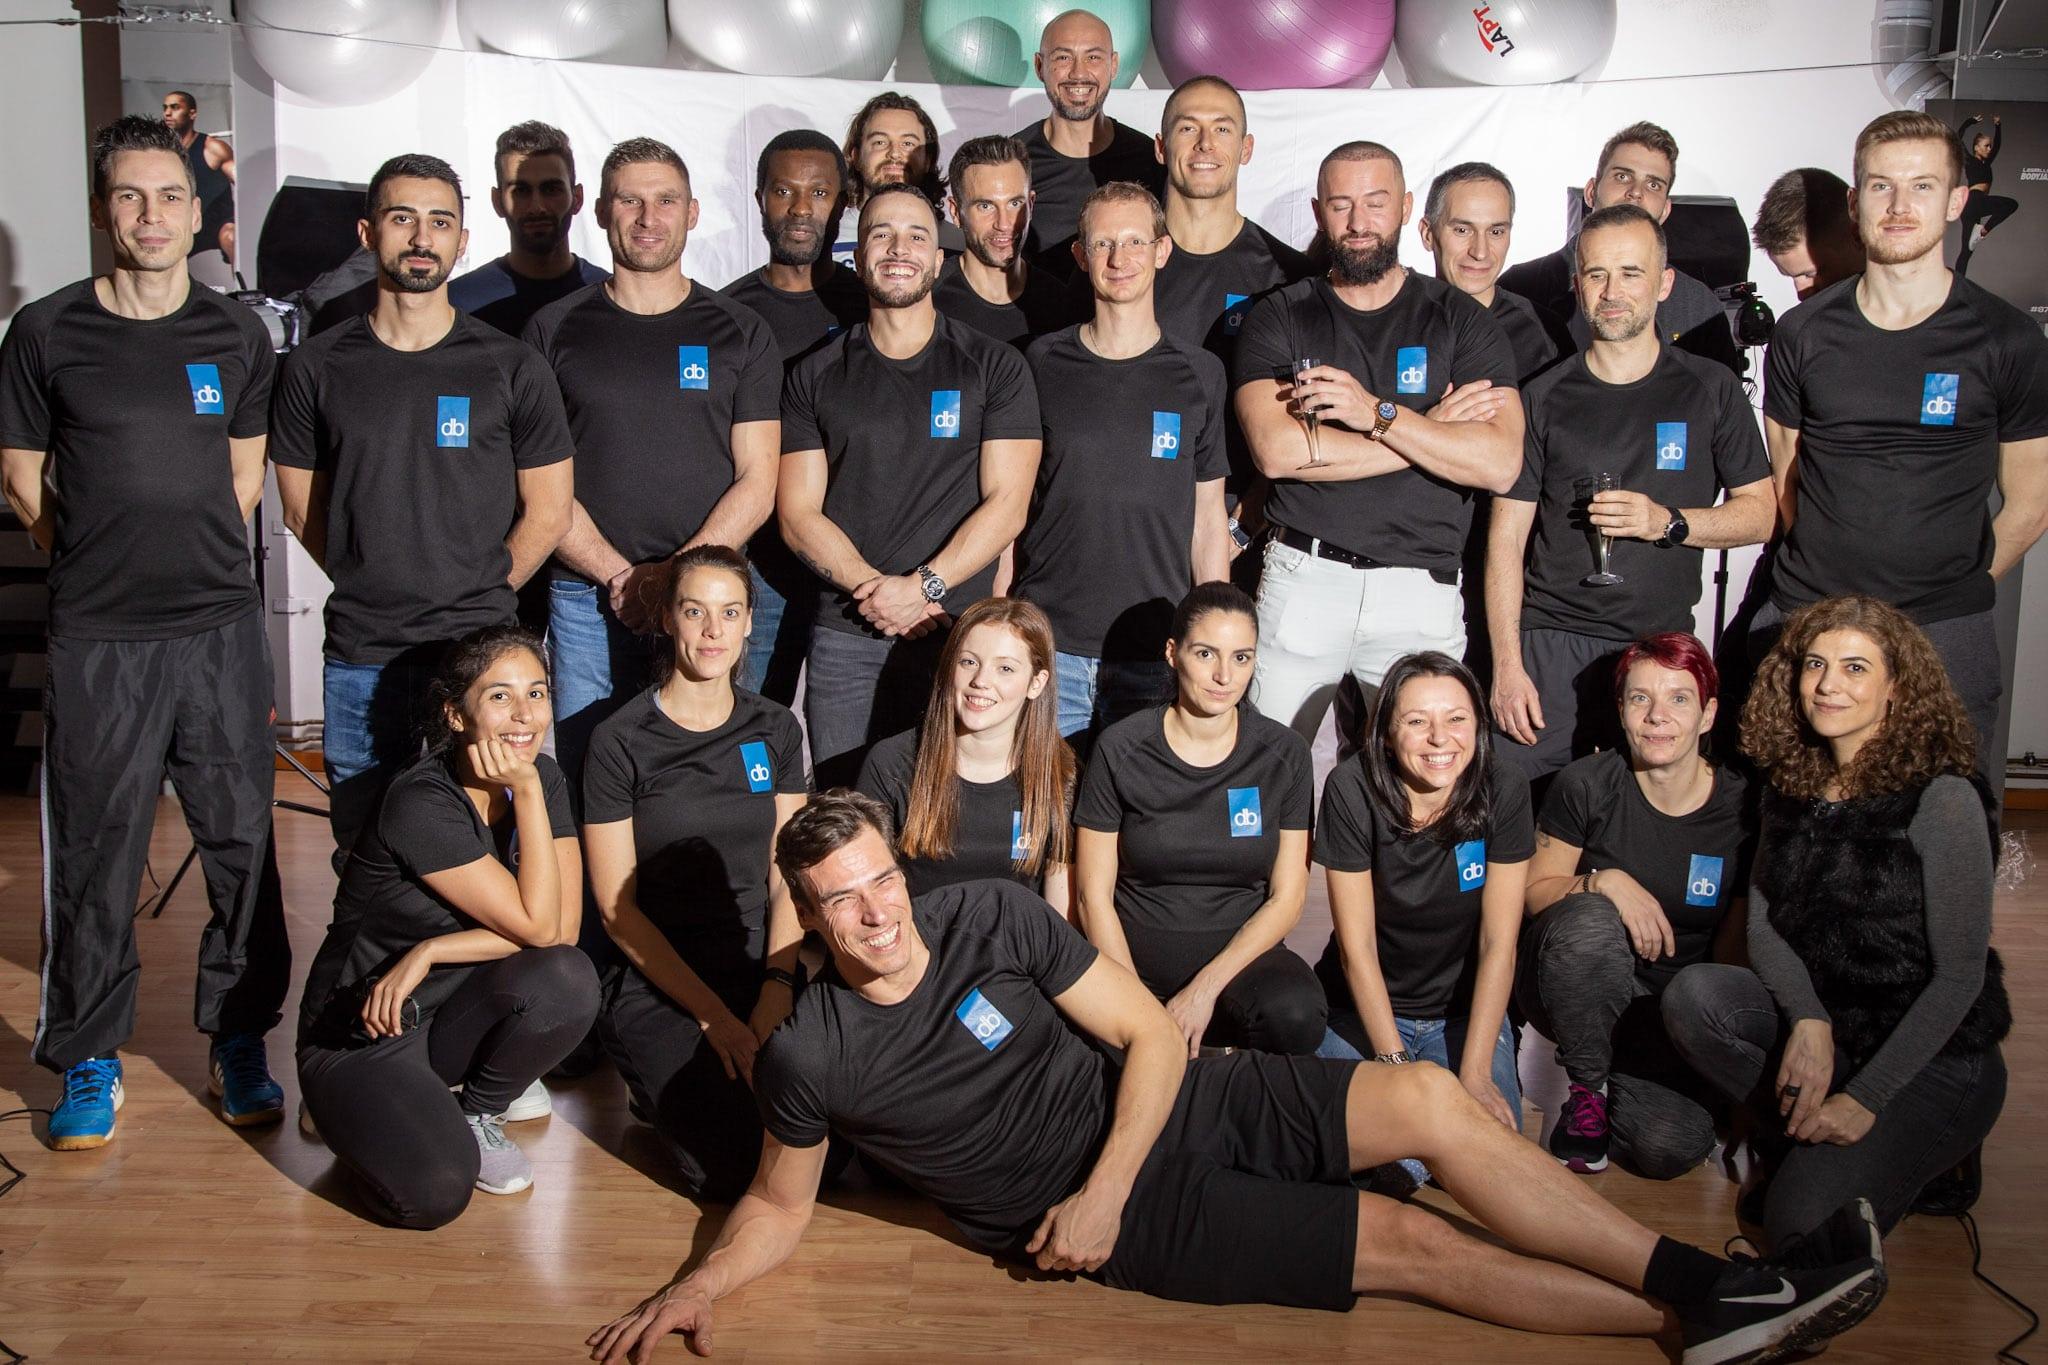 Les nouveaux diplômés de la Fitness Academy (Session de Sept. à Dec. 2019)